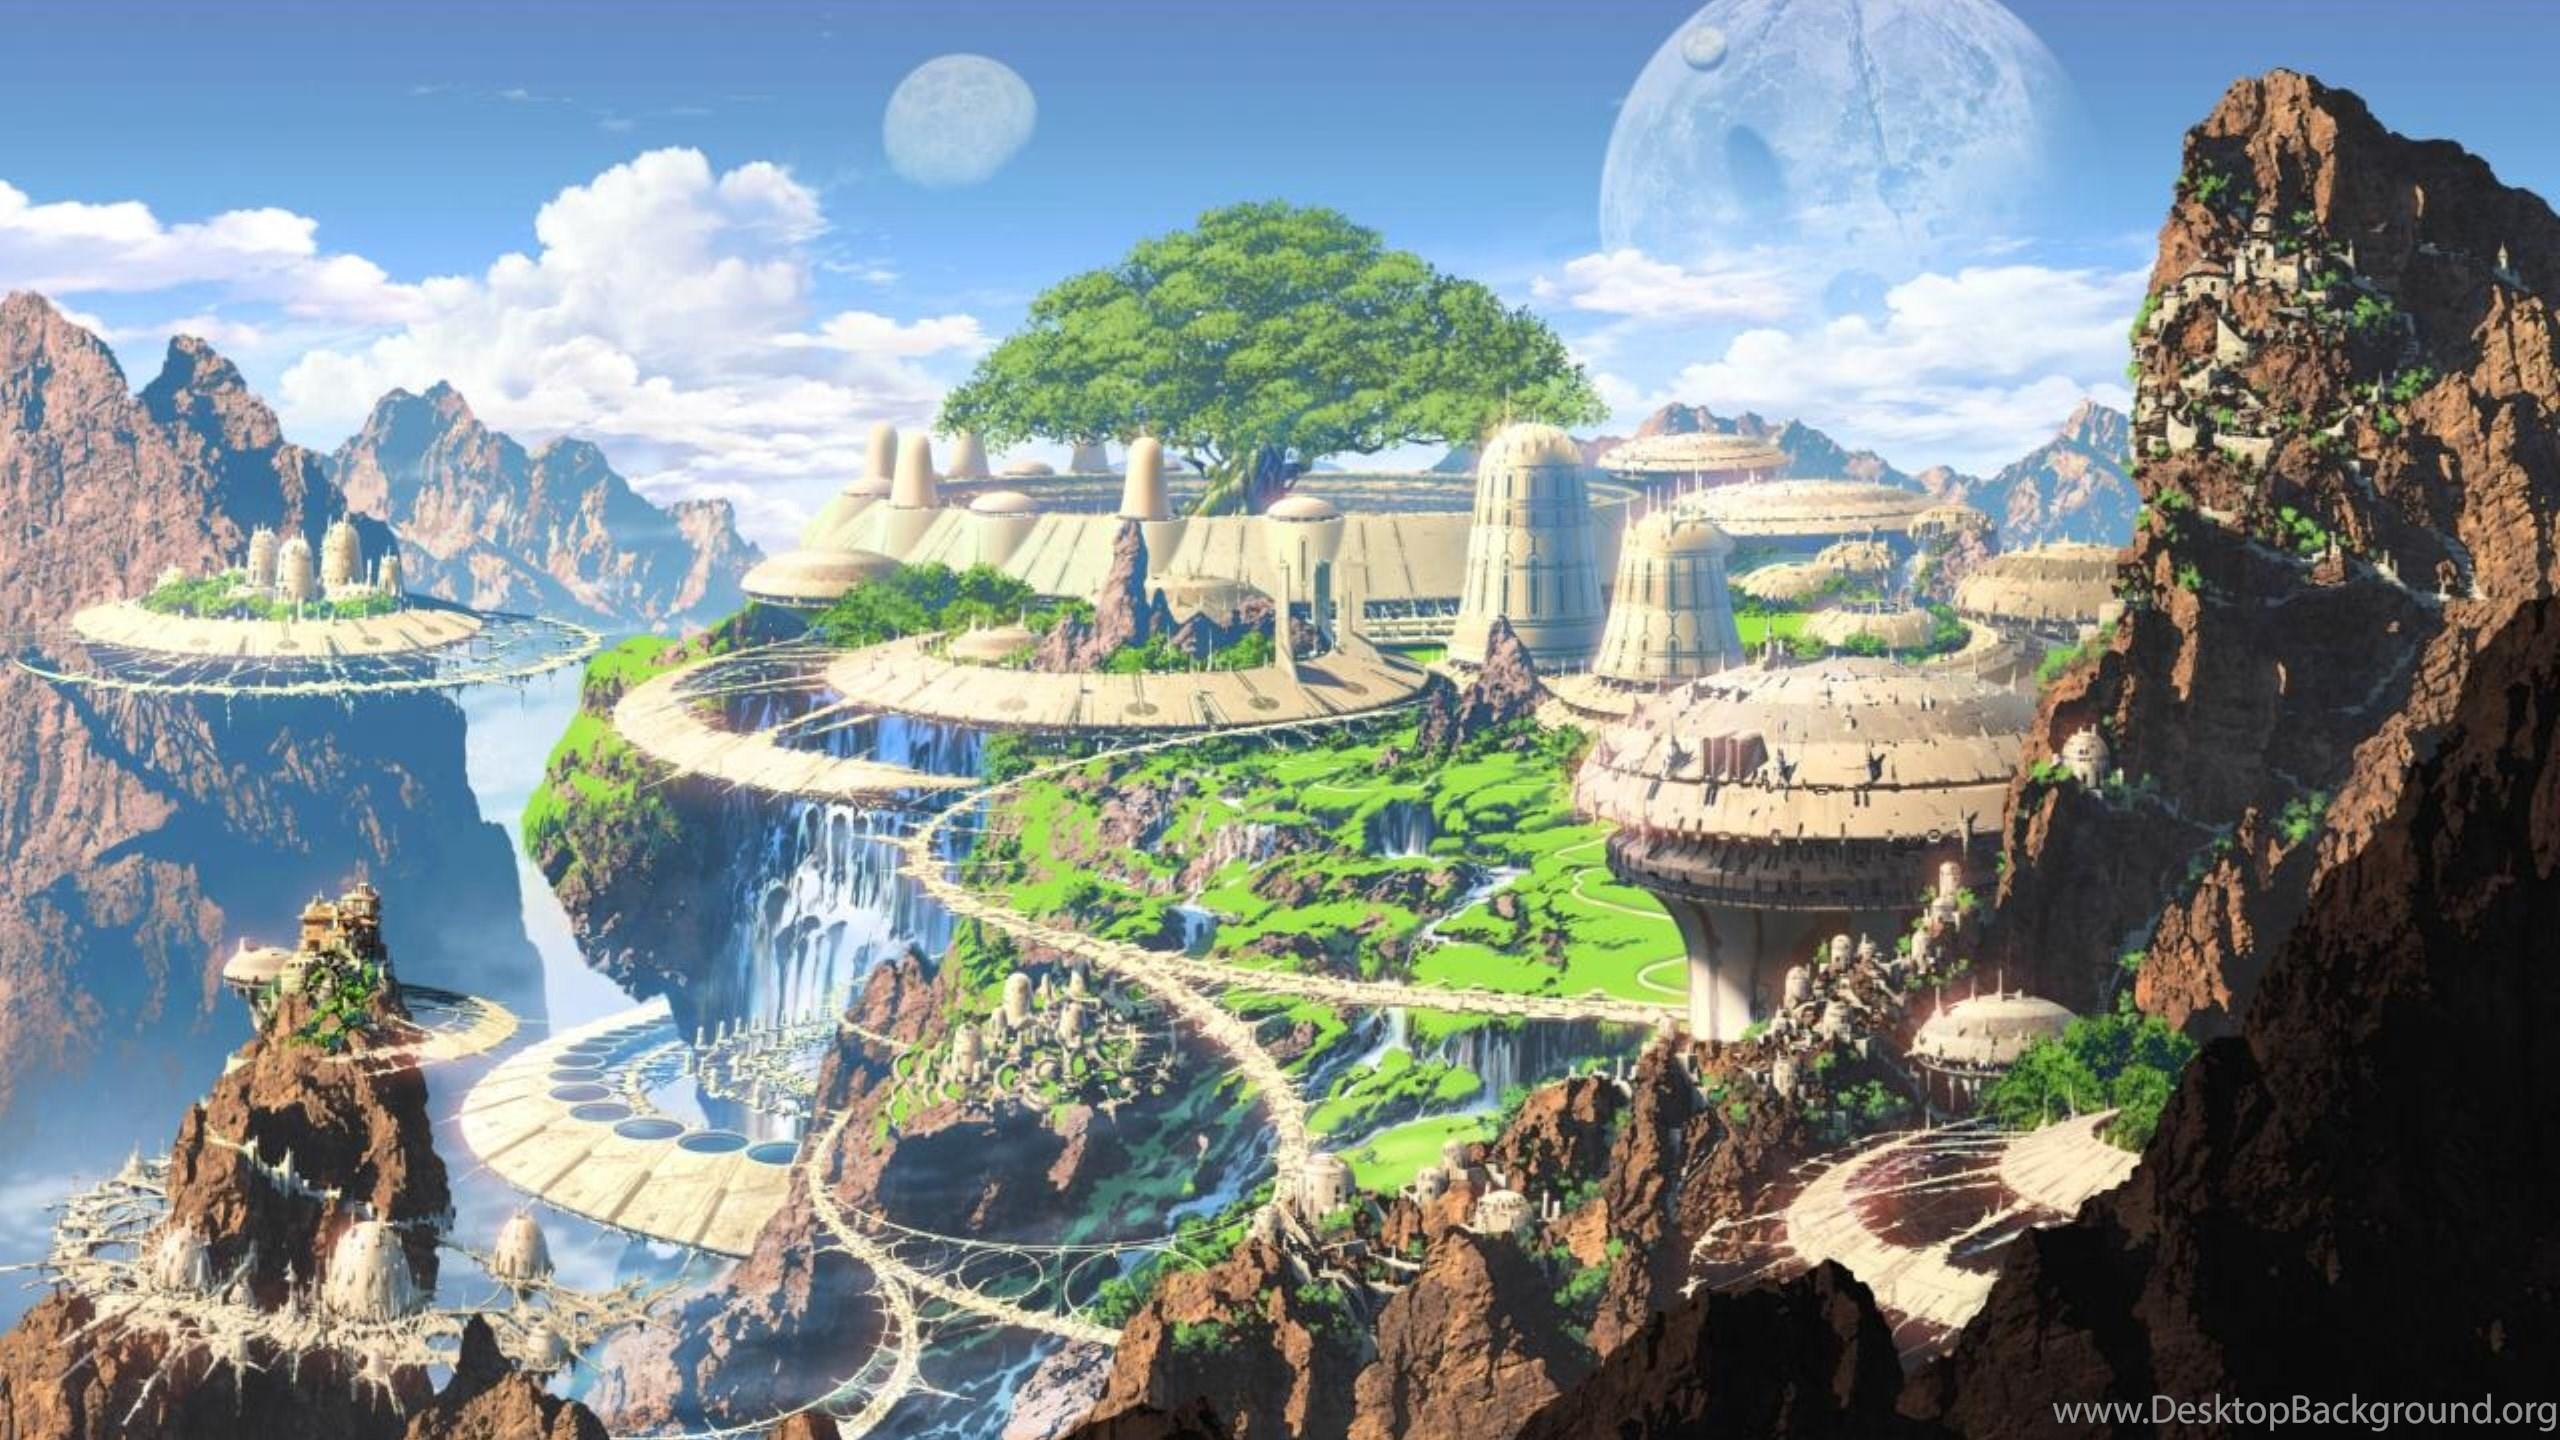 realm of fantasy world digital art desktop background